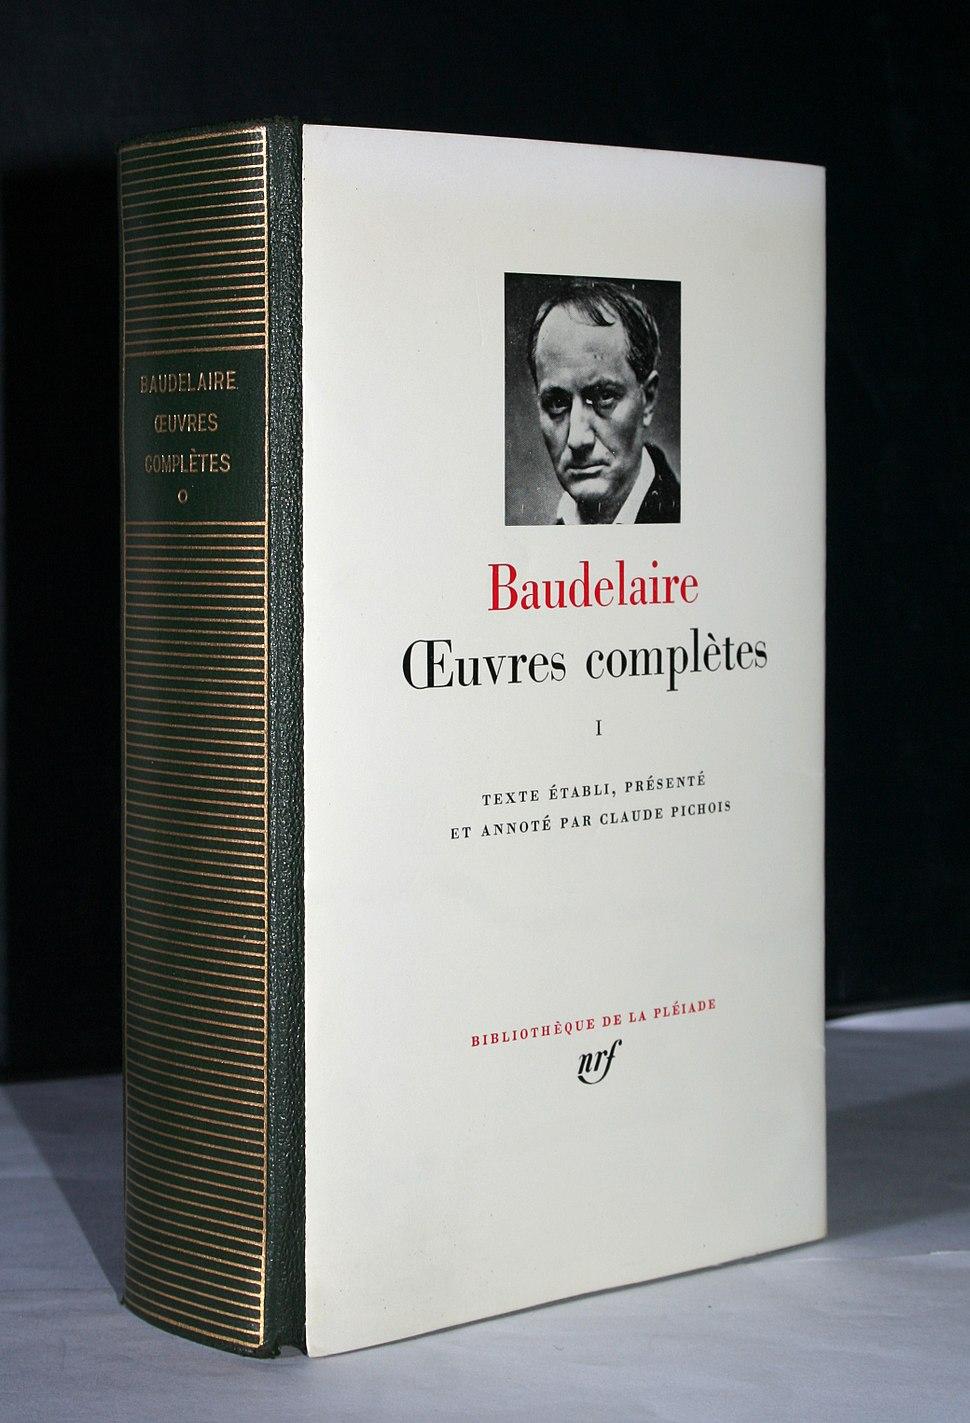 Baudelaire, Bibliothèque de la Pléiade, Œuvres complètes, volume I, dos et jaquette